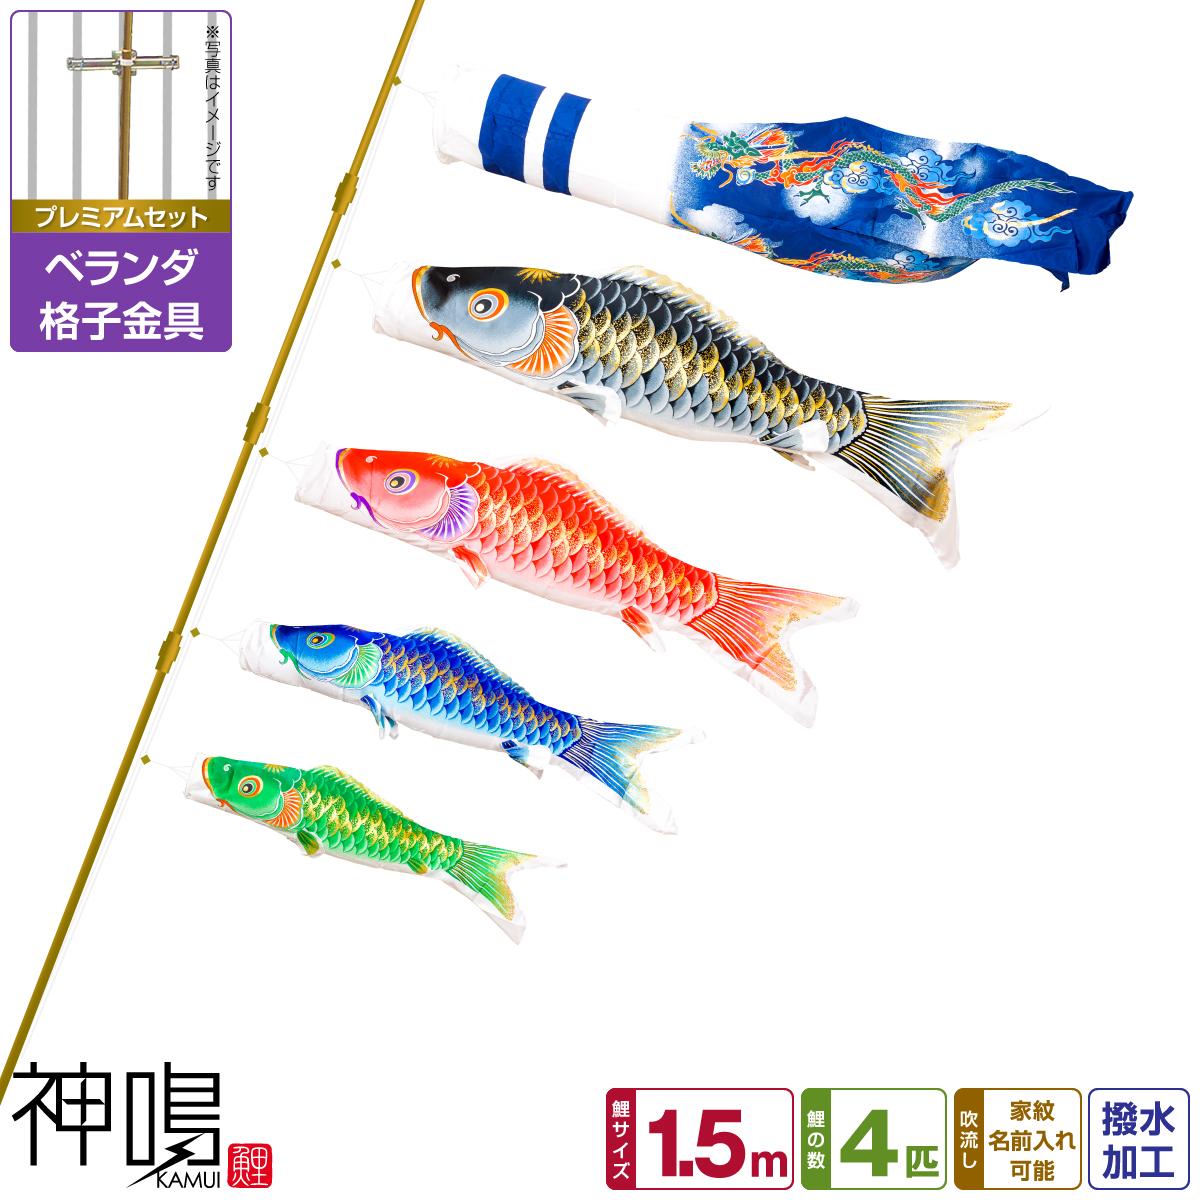 ベランダ用 鯉のぼり 神鳴鯉-KAMUI- 1.5m 7点(吹流し+鯉4匹+矢車+ロープ)/プレミアムセット(格子金具)